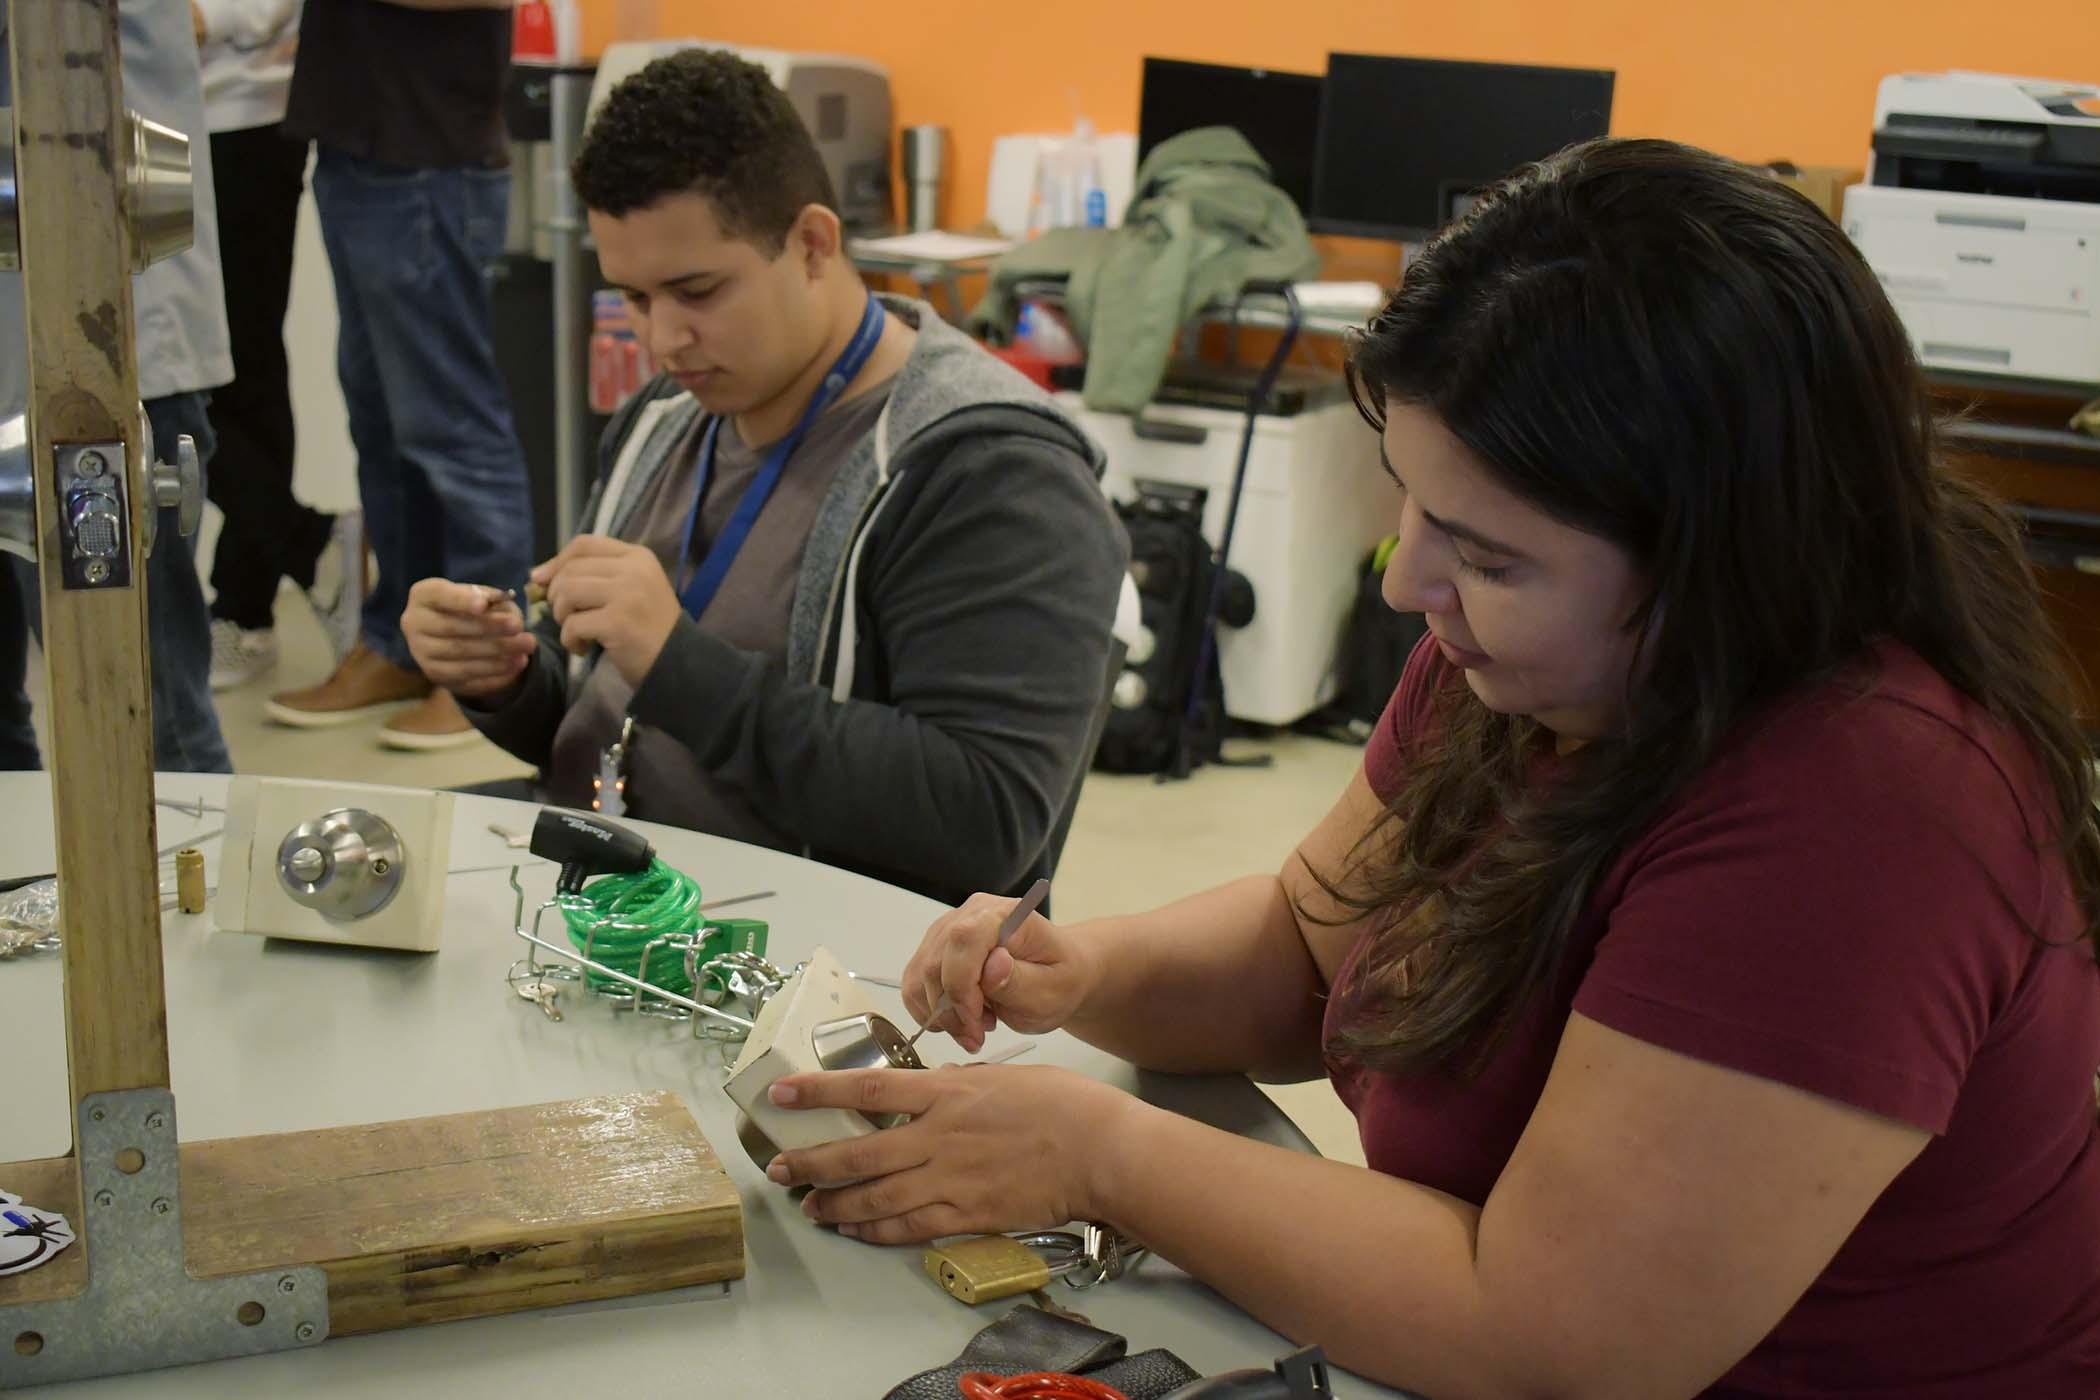 Participantes trabajando en abrir unos candados